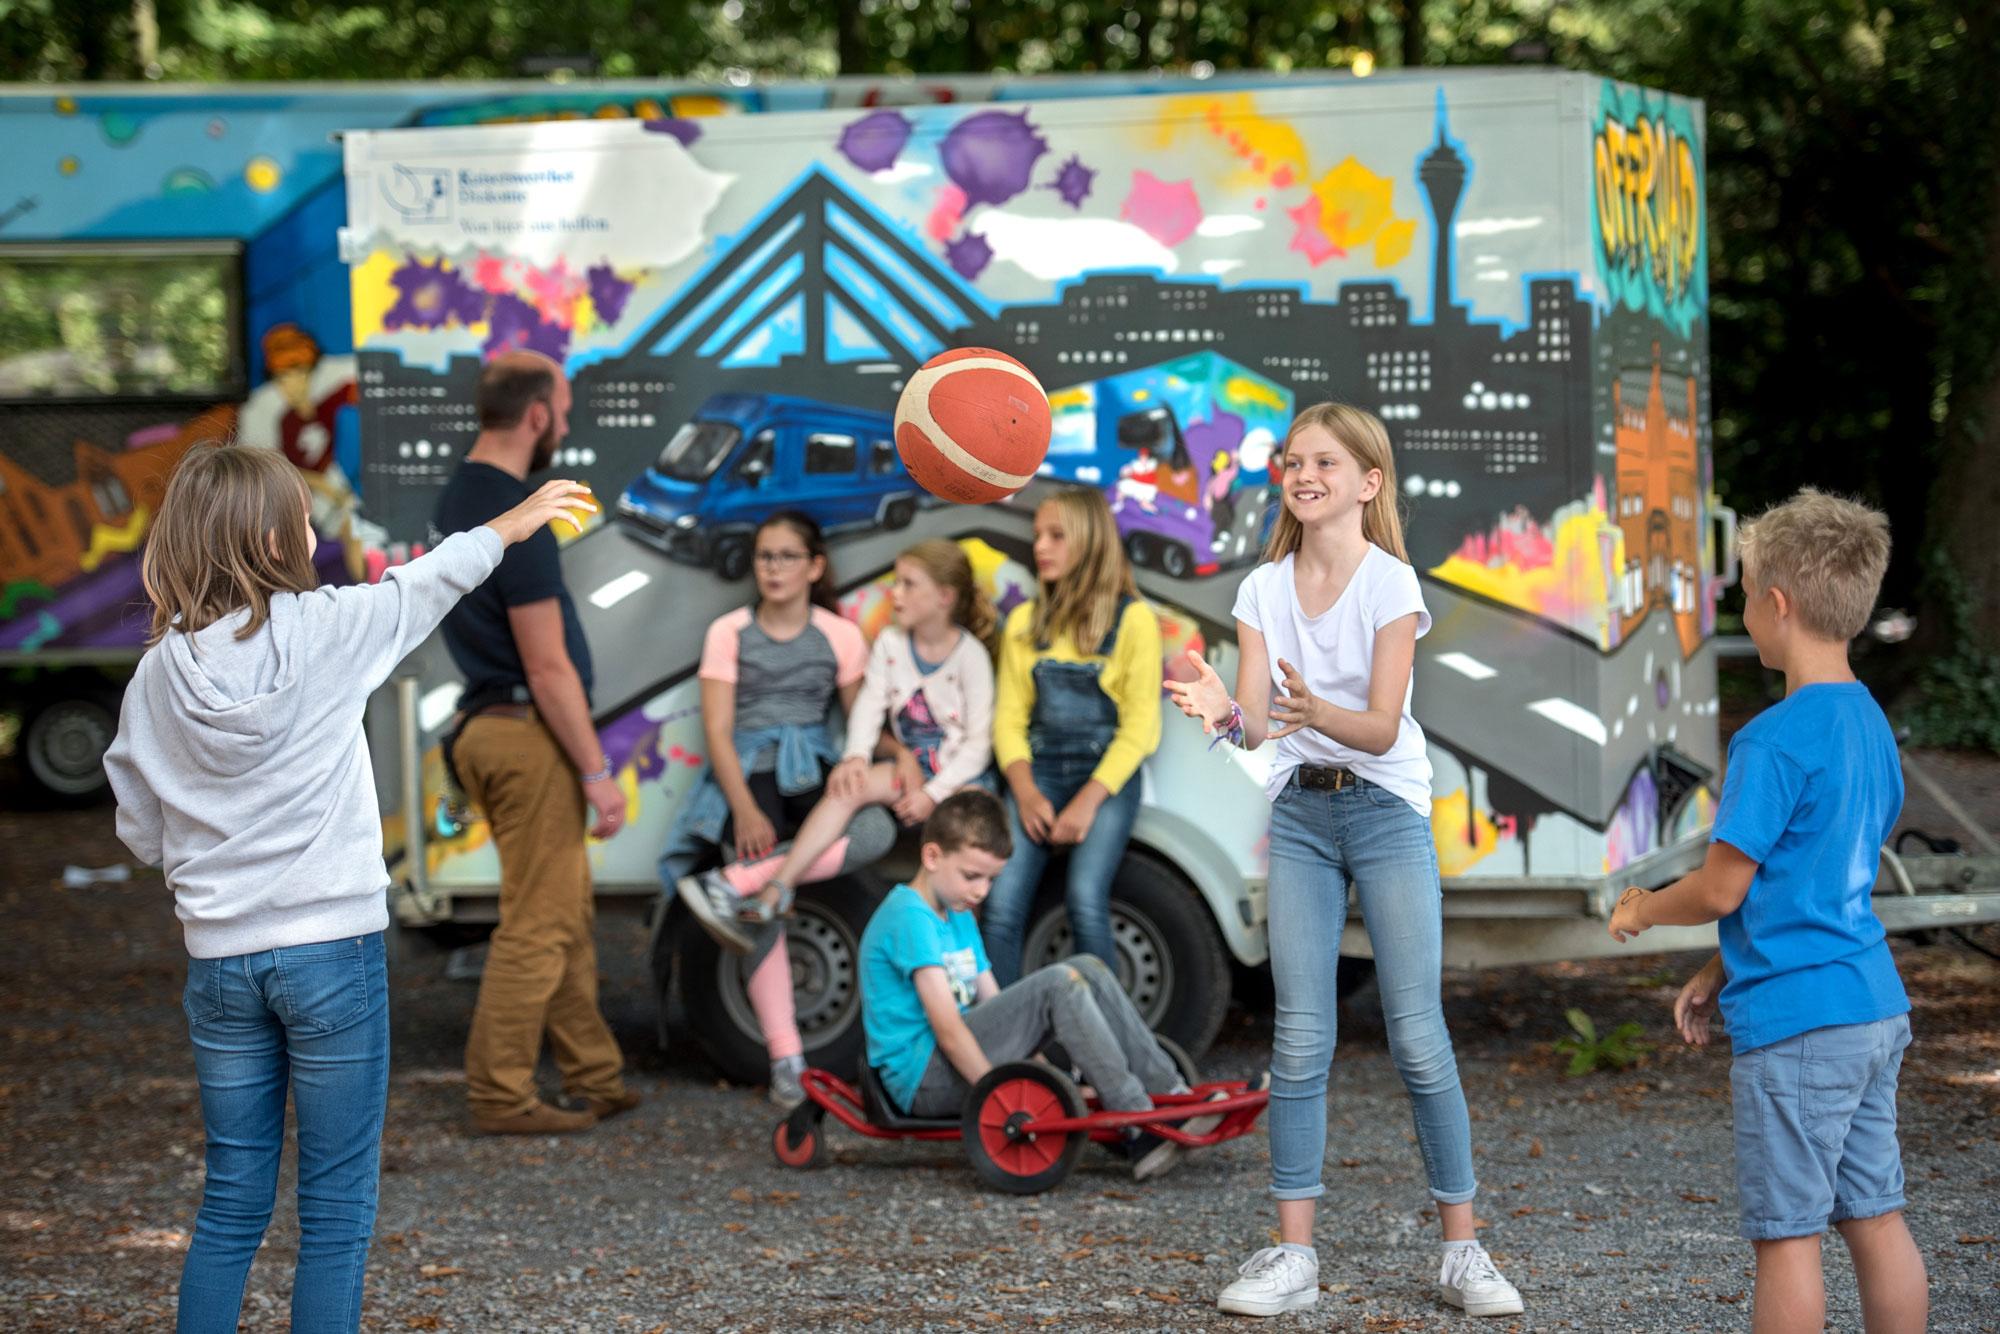 Das ORRFOAD-Team bietet an verschiedenen Standorten in Düsseldorf pädagogisch begleitete Freizeitangebote und Aktionen für Kinder und Jugendliche an. (Foto: Tanja Pickartz)